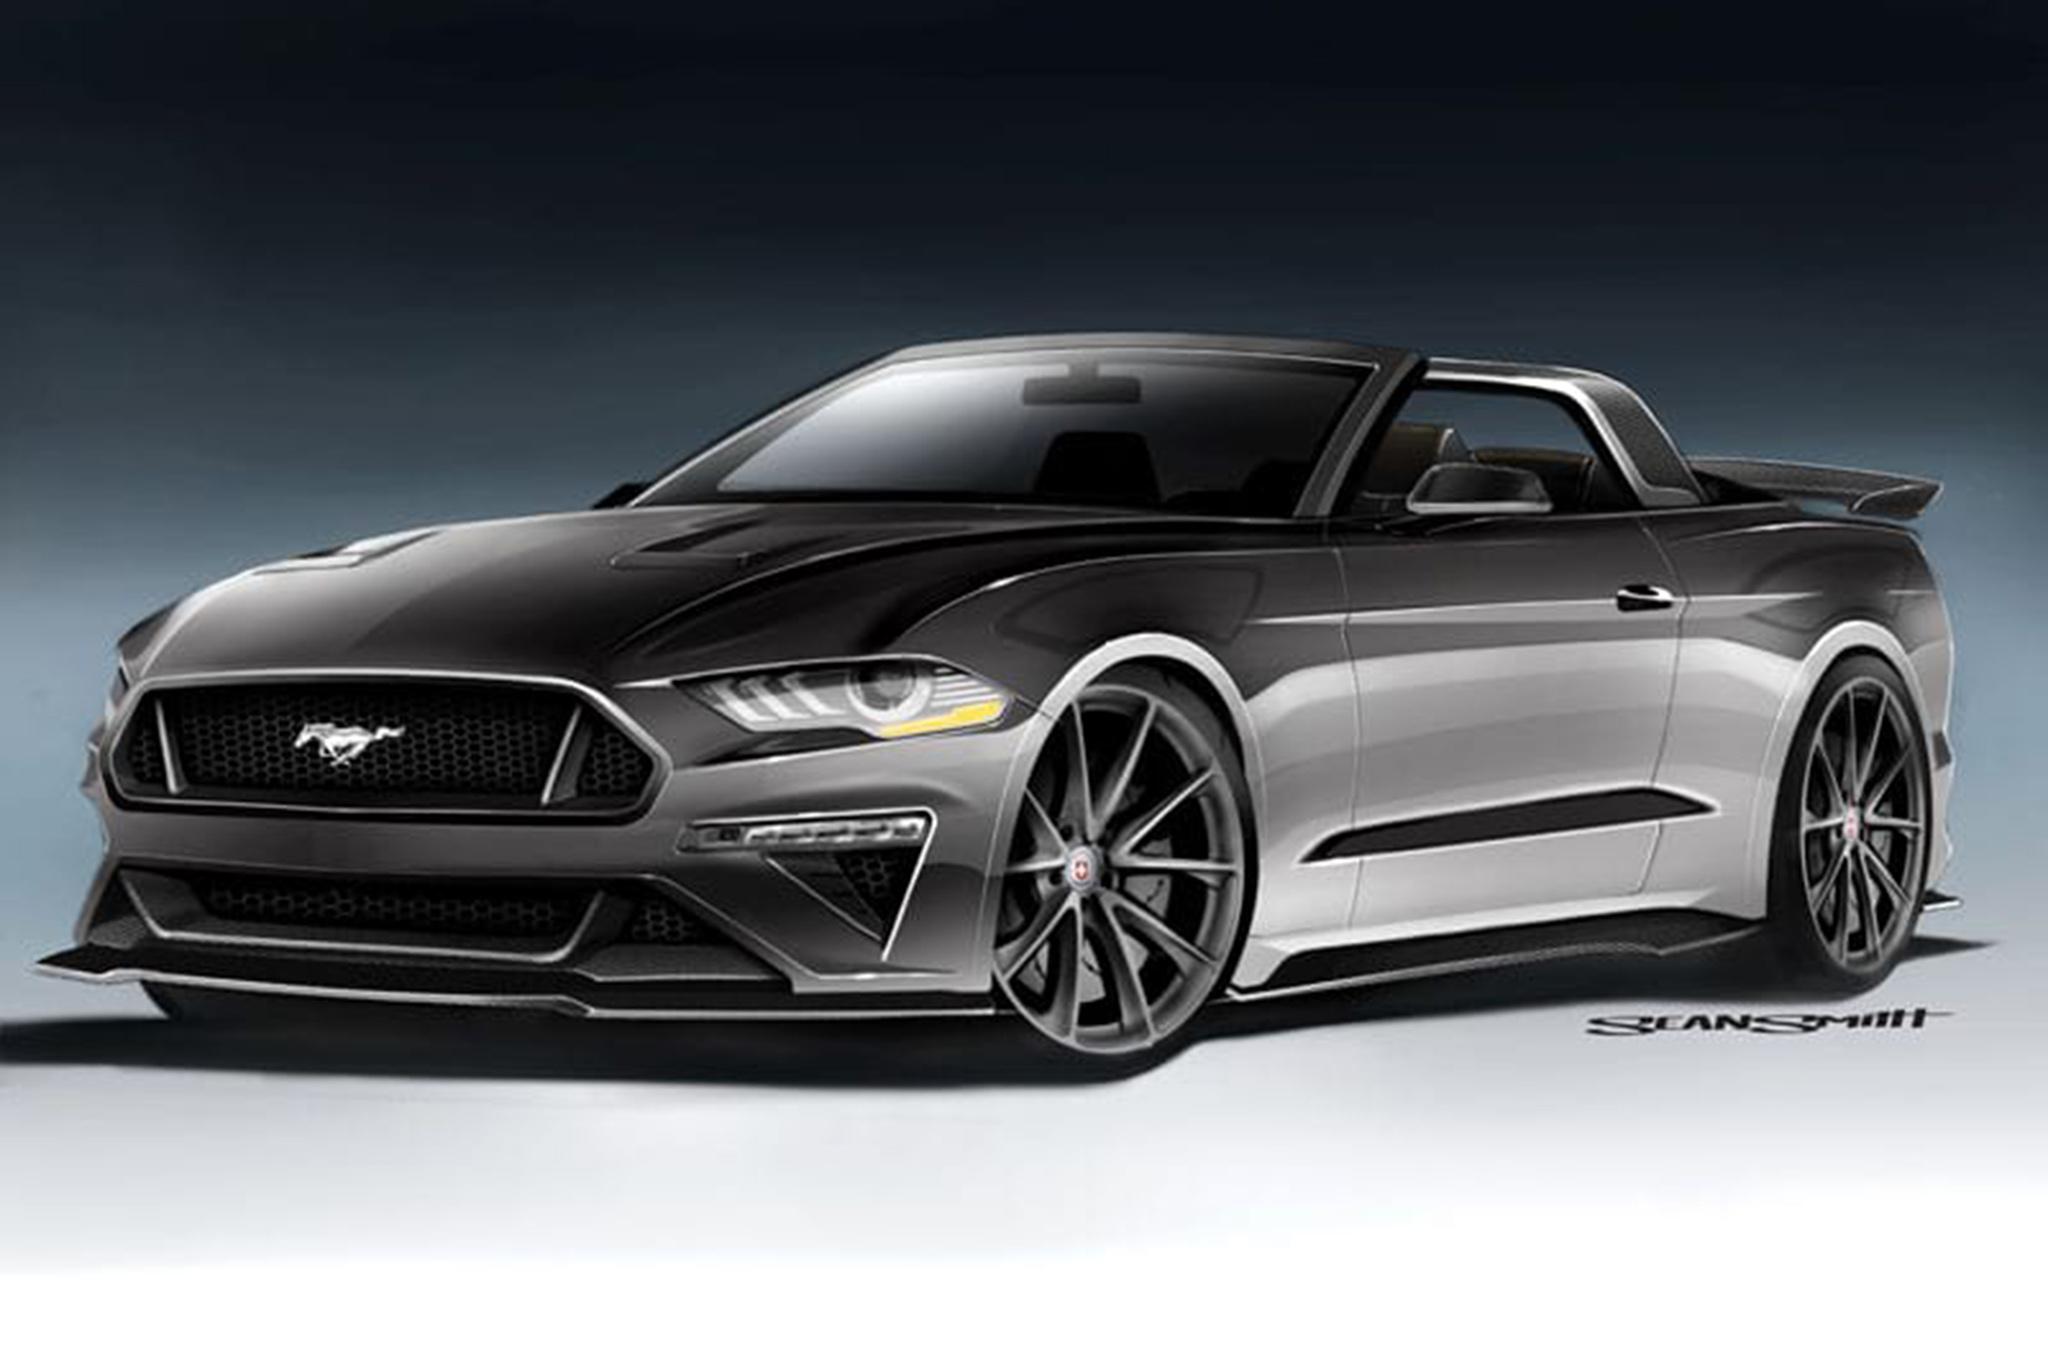 Ford Bringing Seven 2018 Mustang Show Cars To SEMA | RK Motors ...